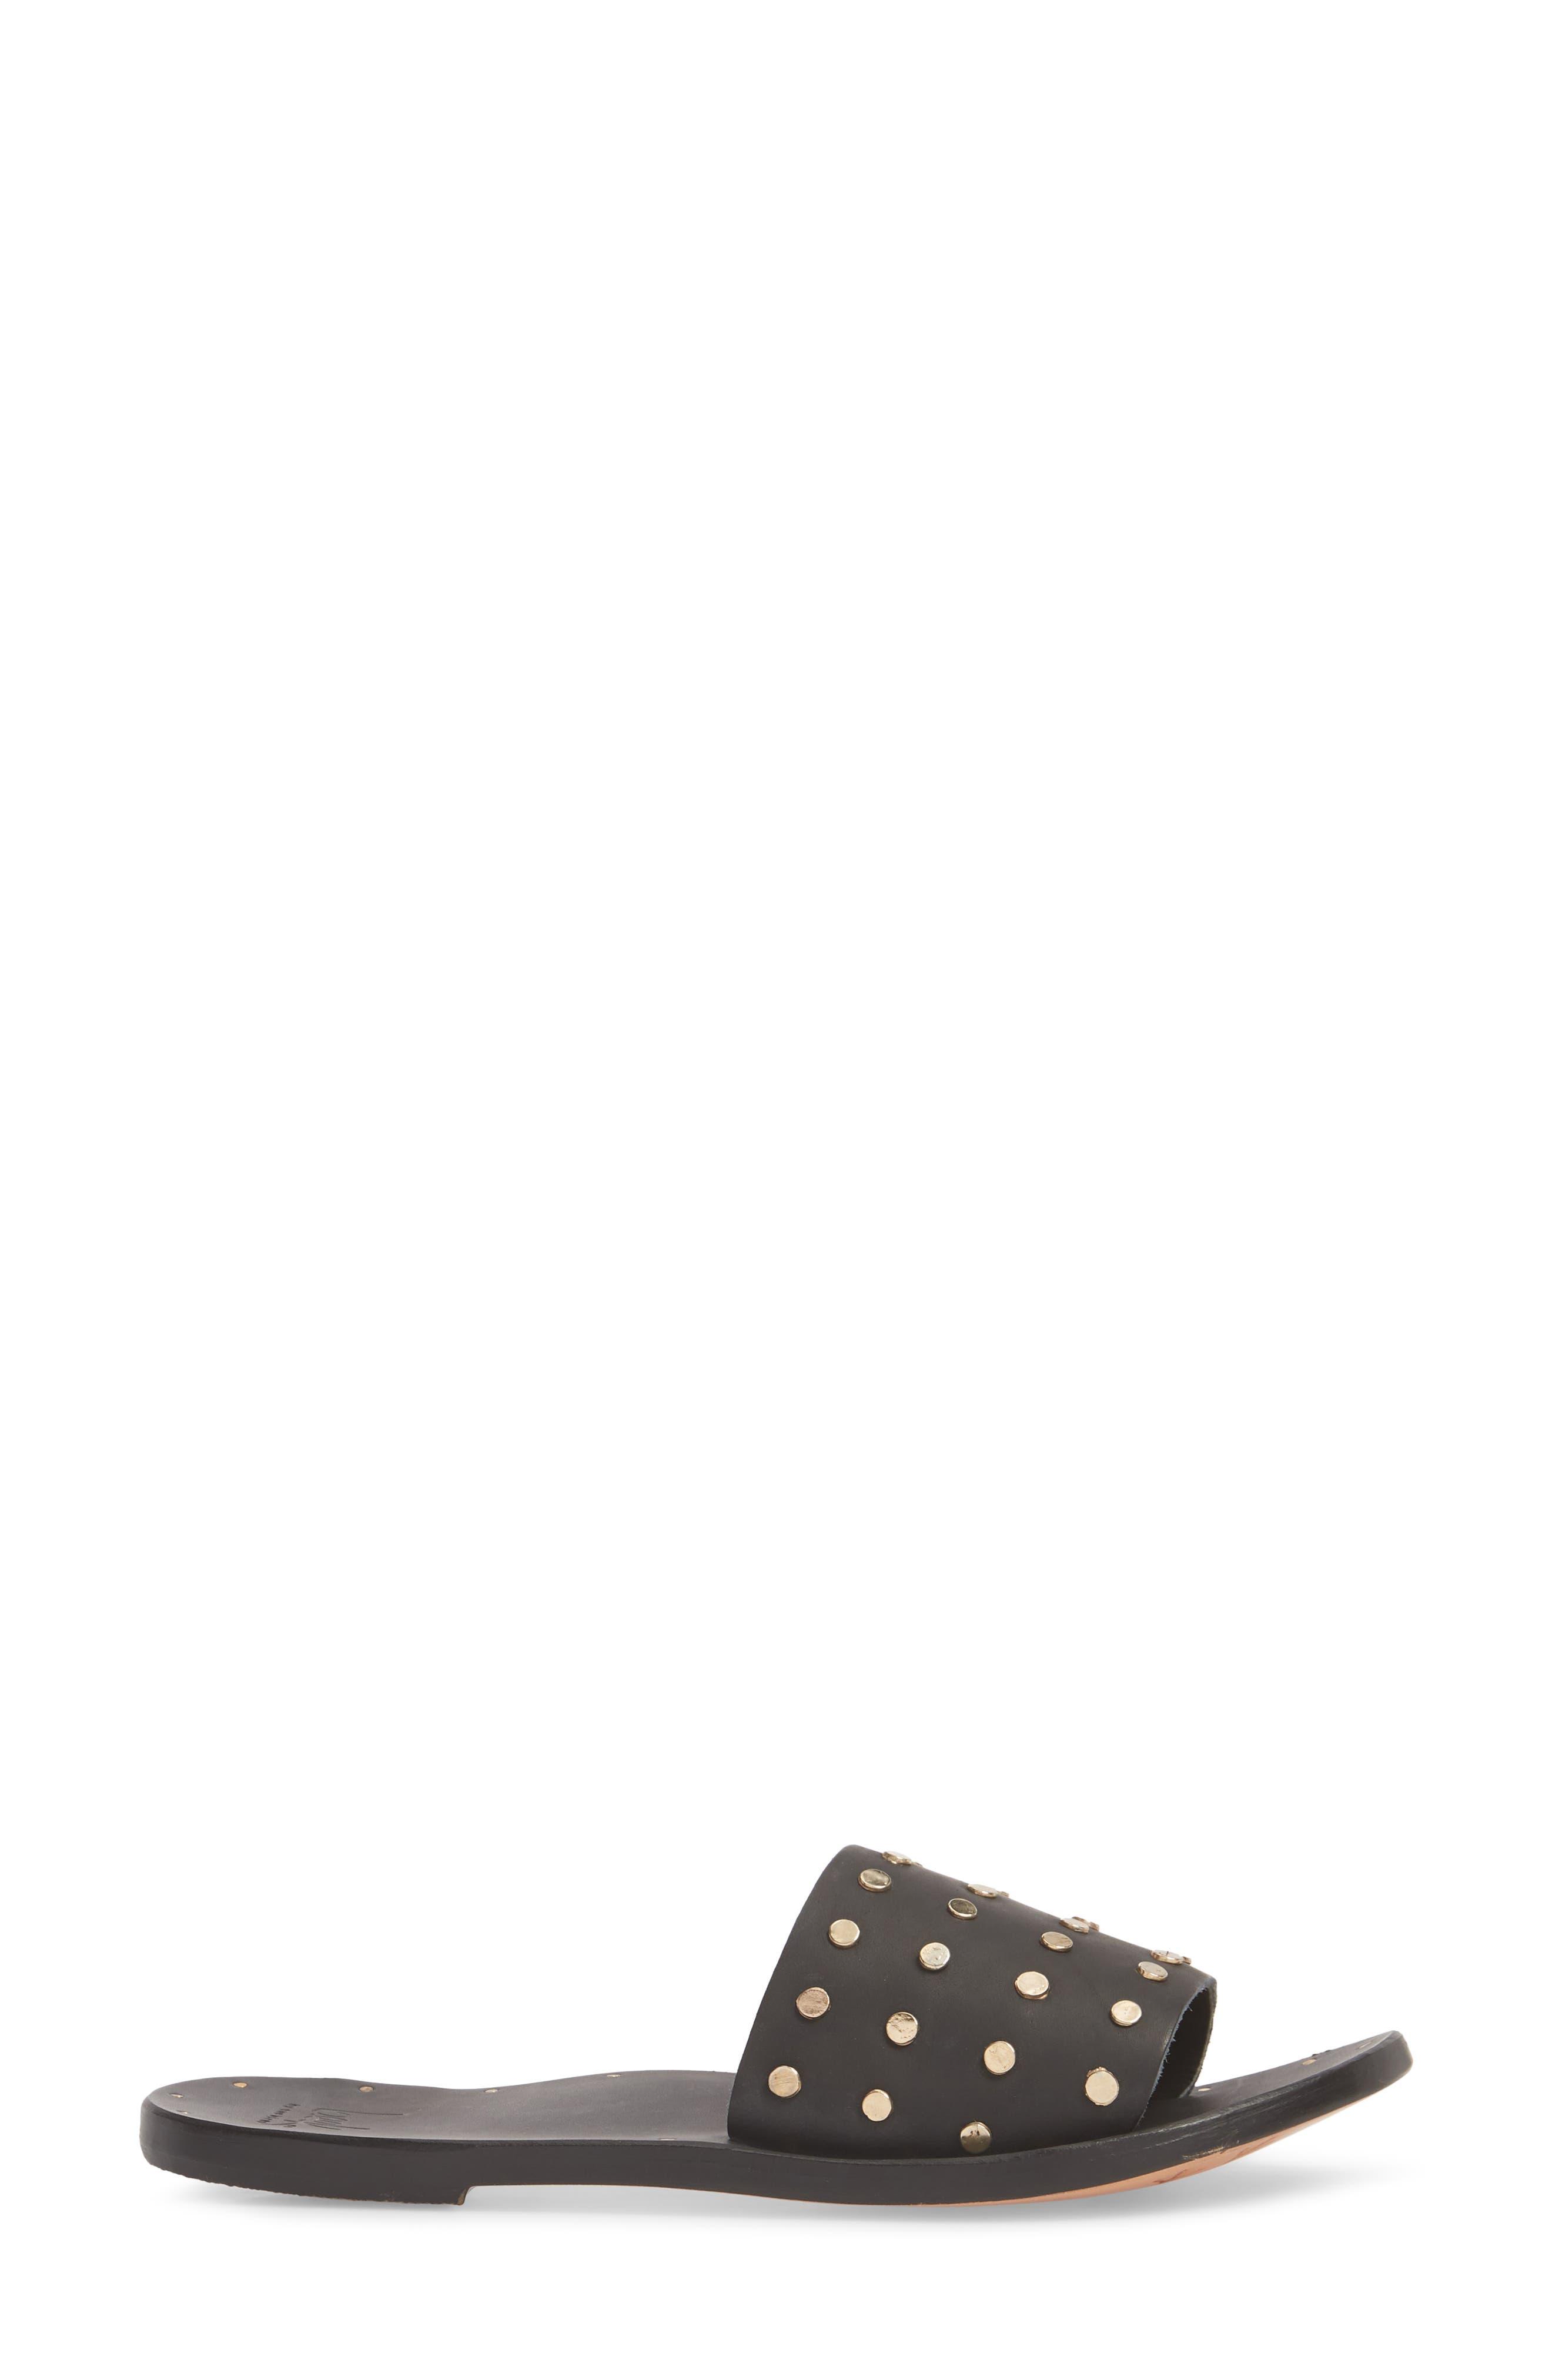 Lovebird Studded Slide Sandal,                             Alternate thumbnail 3, color,                             Black/ Black